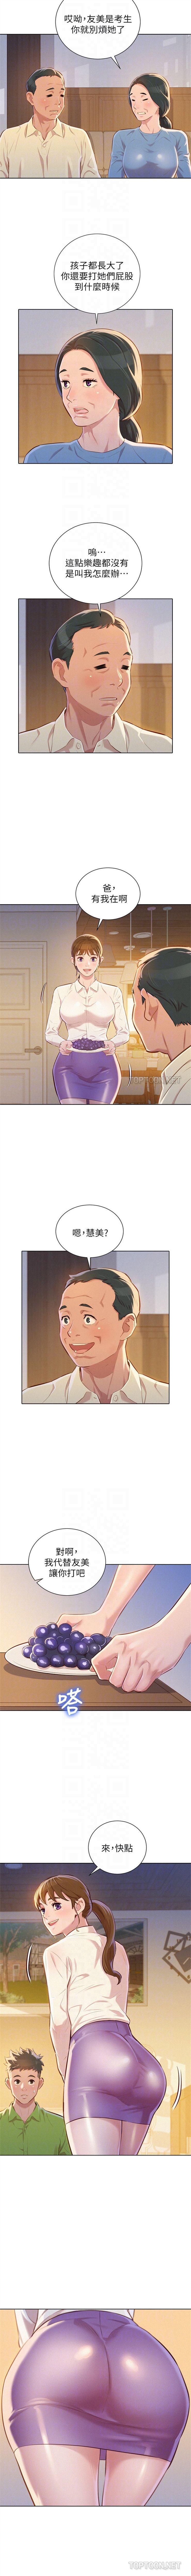 (周7)漂亮干姐姐  1-79 中文翻译 (更新中) 358